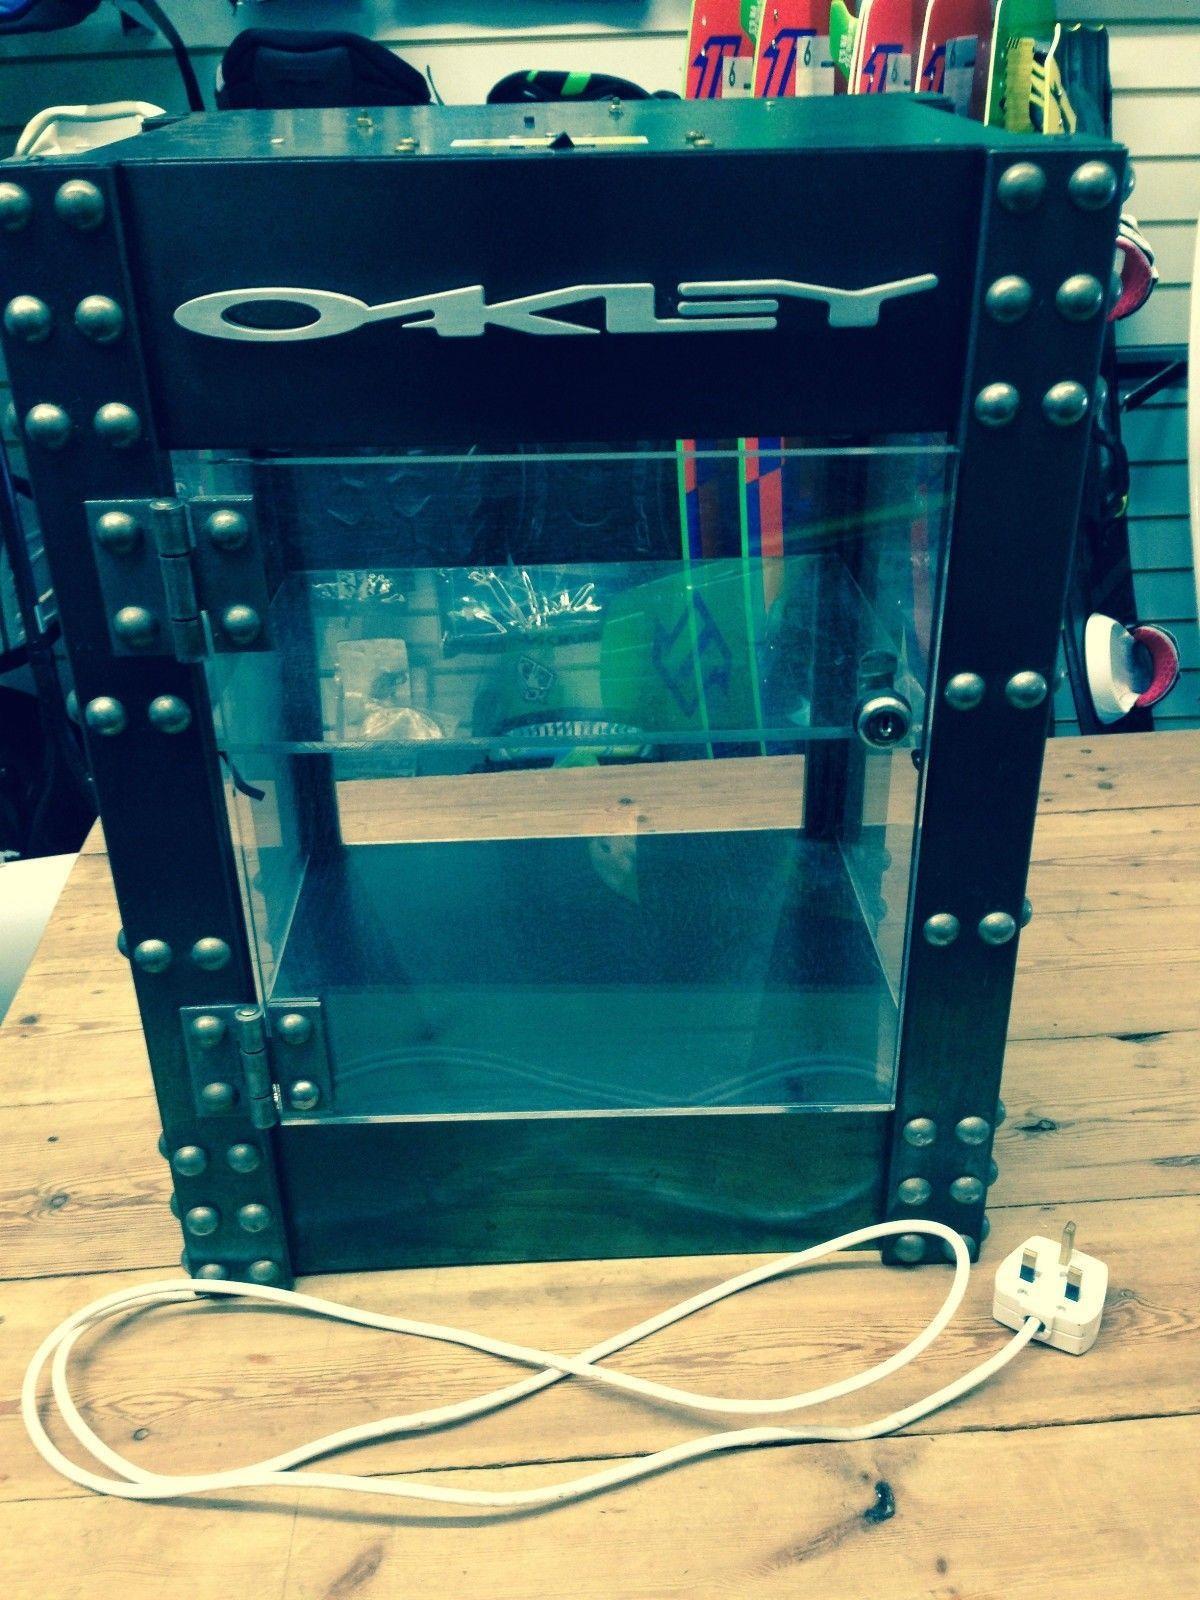 Display Cube - display_www.kepfeltoltes.hu_.jpg